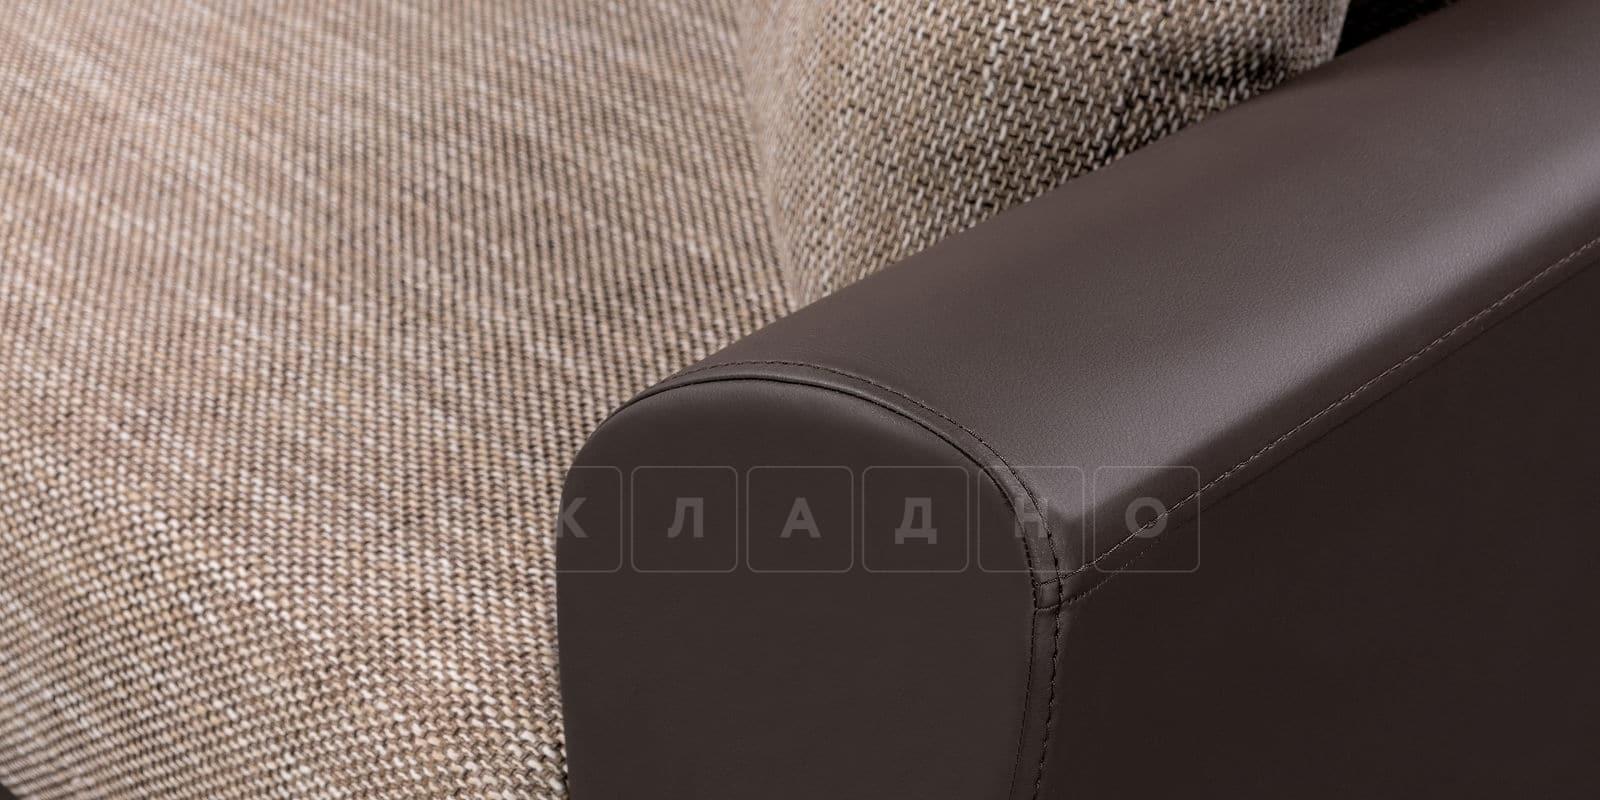 Диван прямой Амстердам кожаный с рогожкой коричневый фото 6 | интернет-магазин Складно